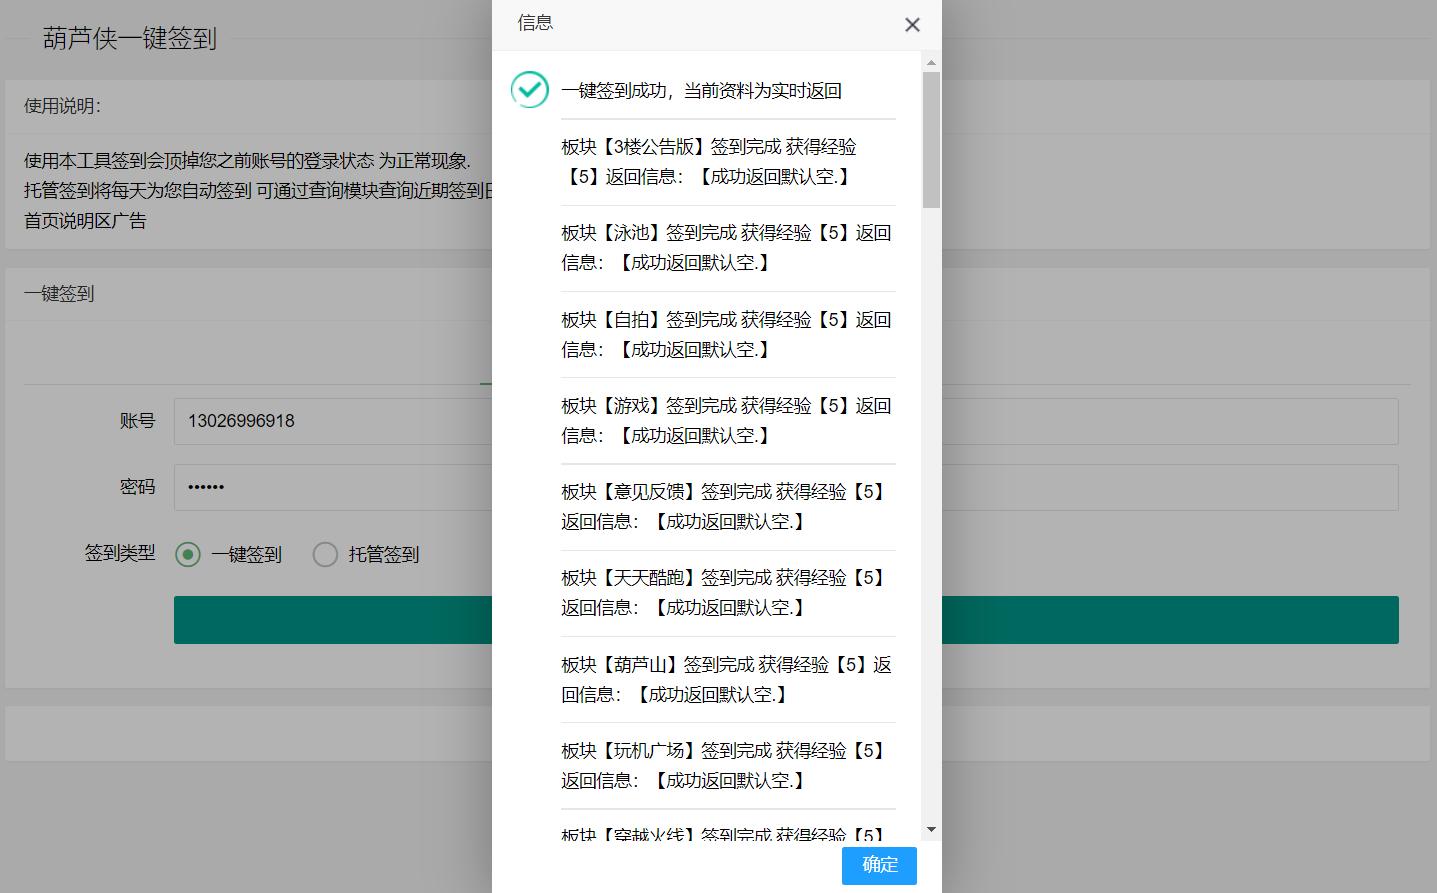 葫芦侠一键登录网页版工具源代码